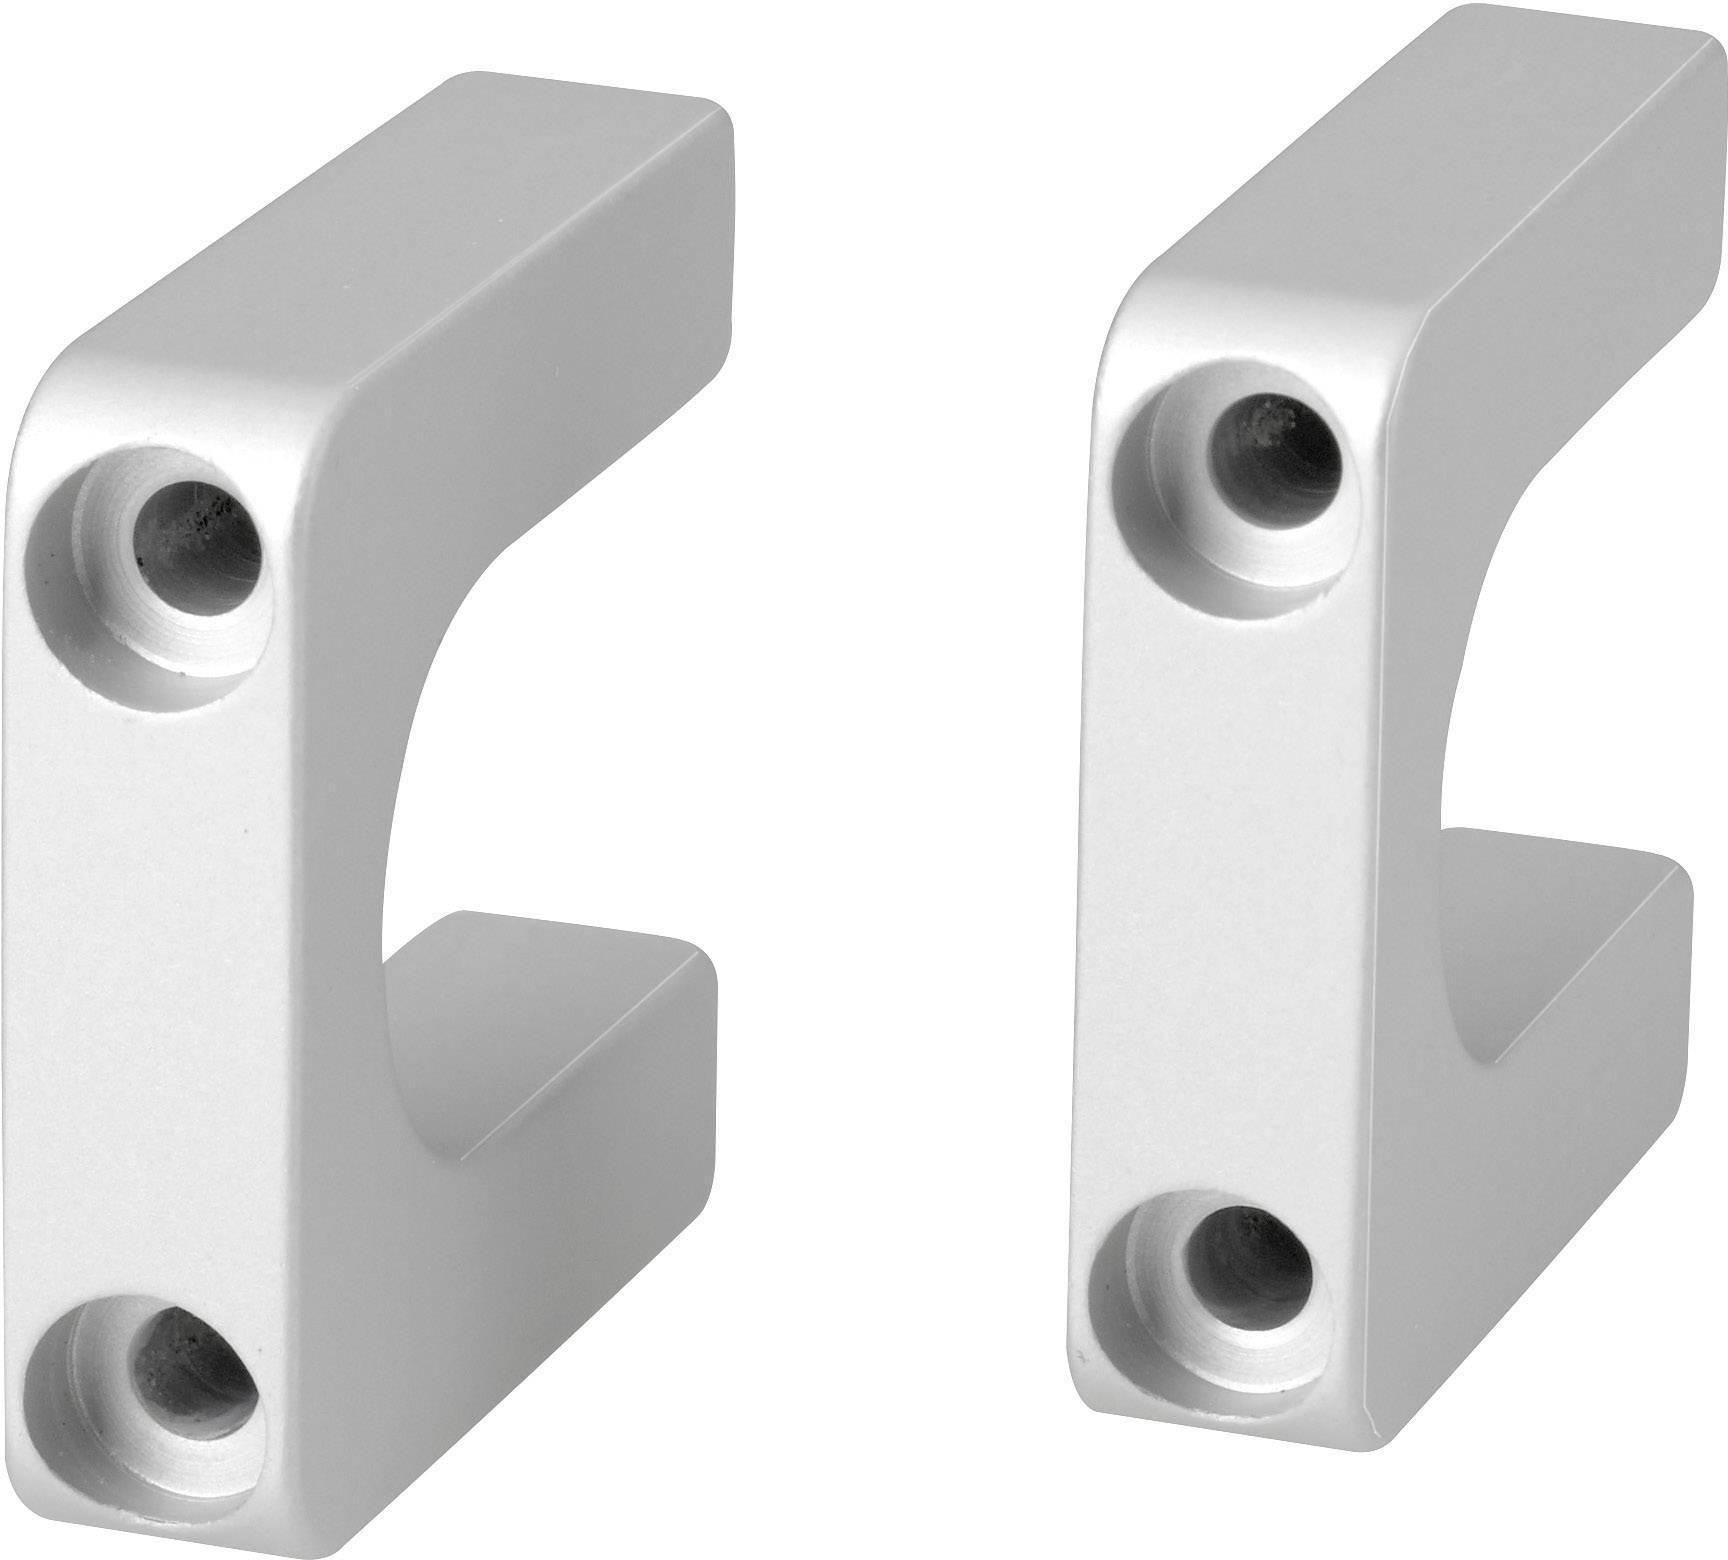 Rukoväť Schroff Multipac 20860-257, (d x š x v) 400 x 40 x 10 mm, umelá hmota, 1 ks